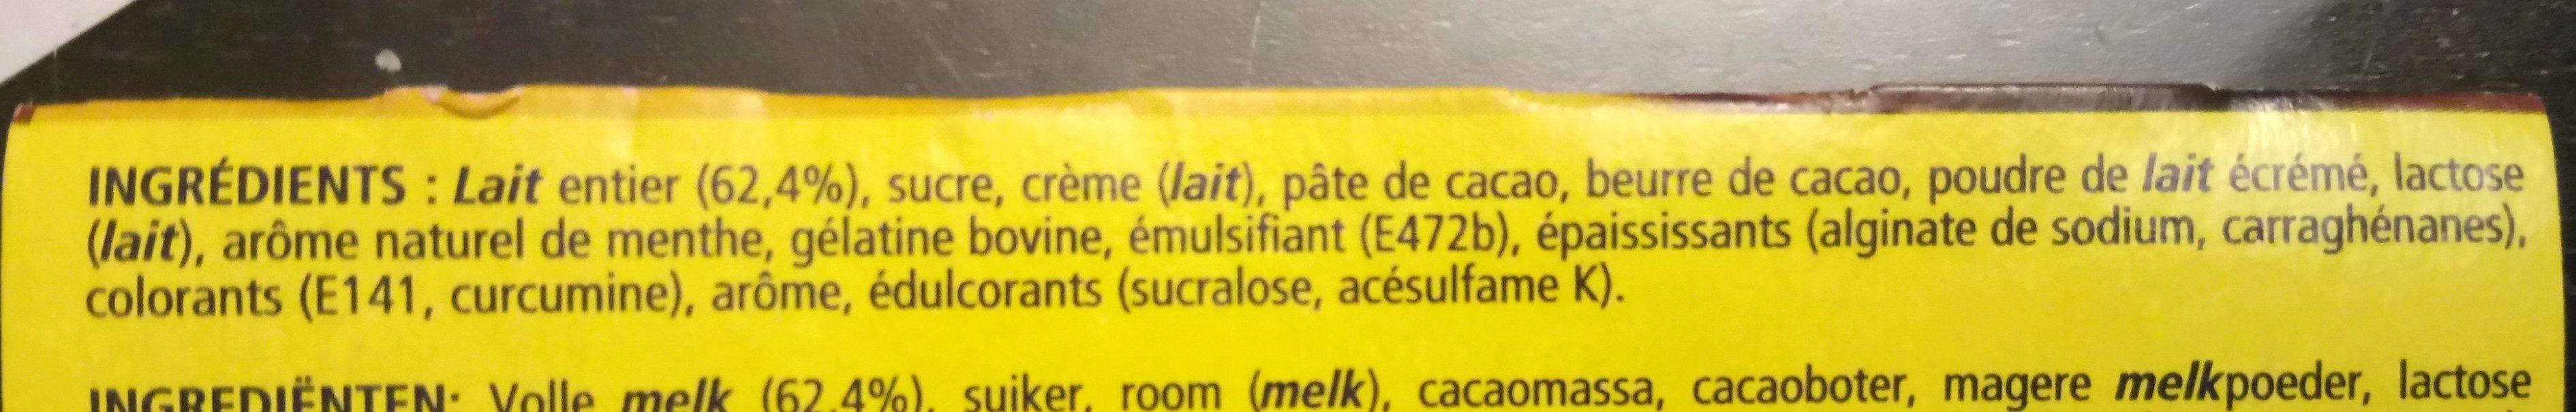 Feuilleté de Mousse Menthe - Ingredients - fr